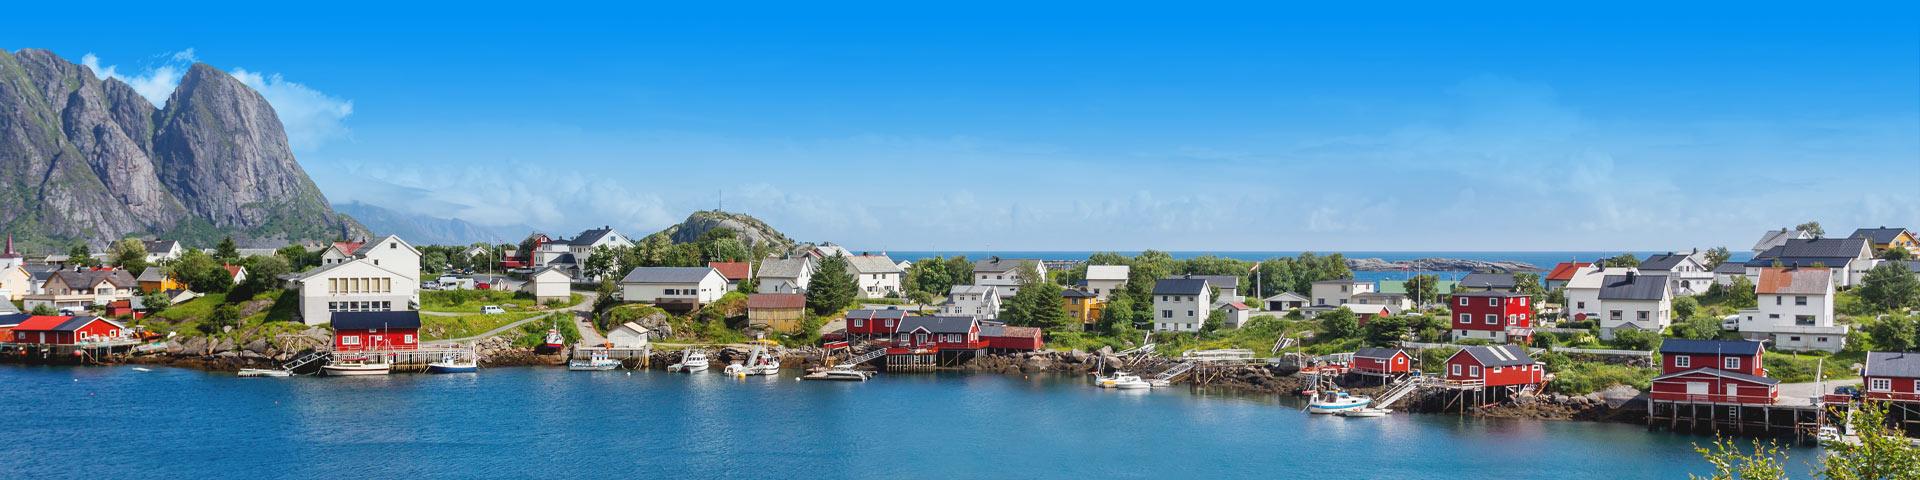 Typische houten huisjes aan een meer omringd door bergen in Scandinavië